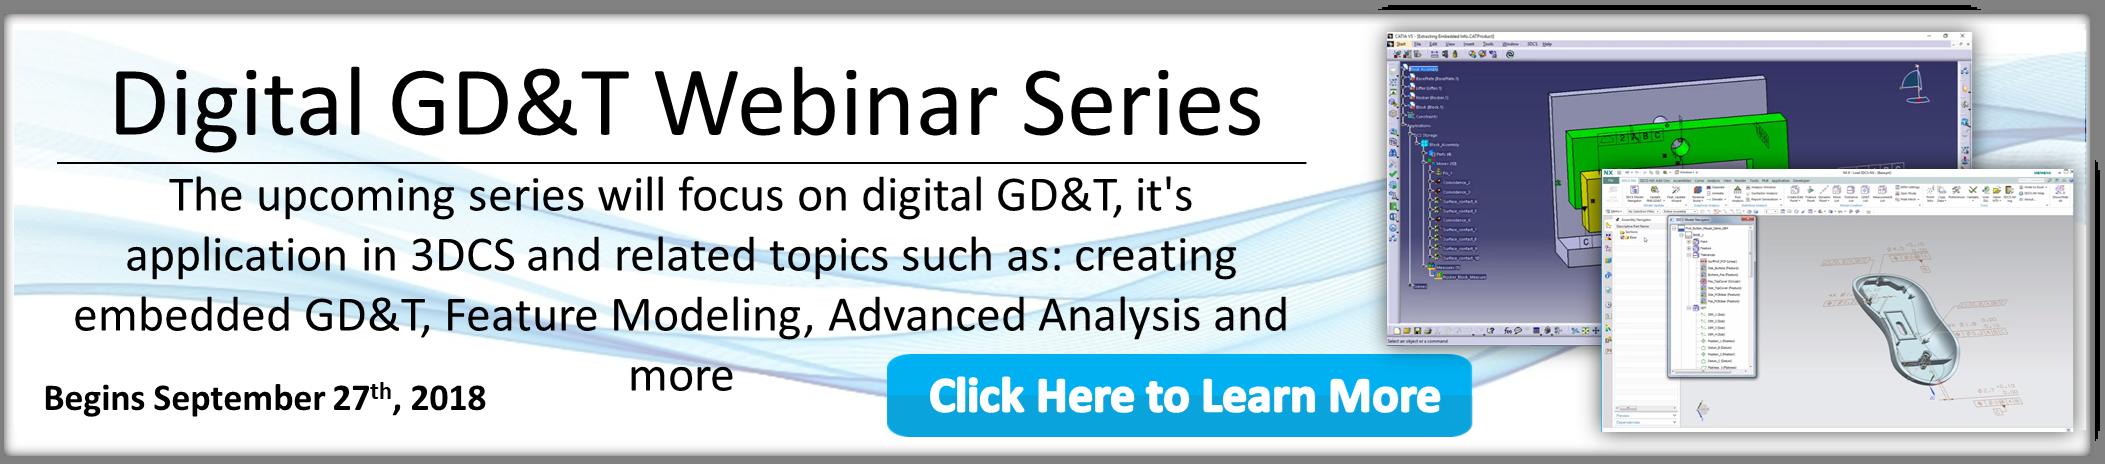 digital-gdandt-webinar-series-2018